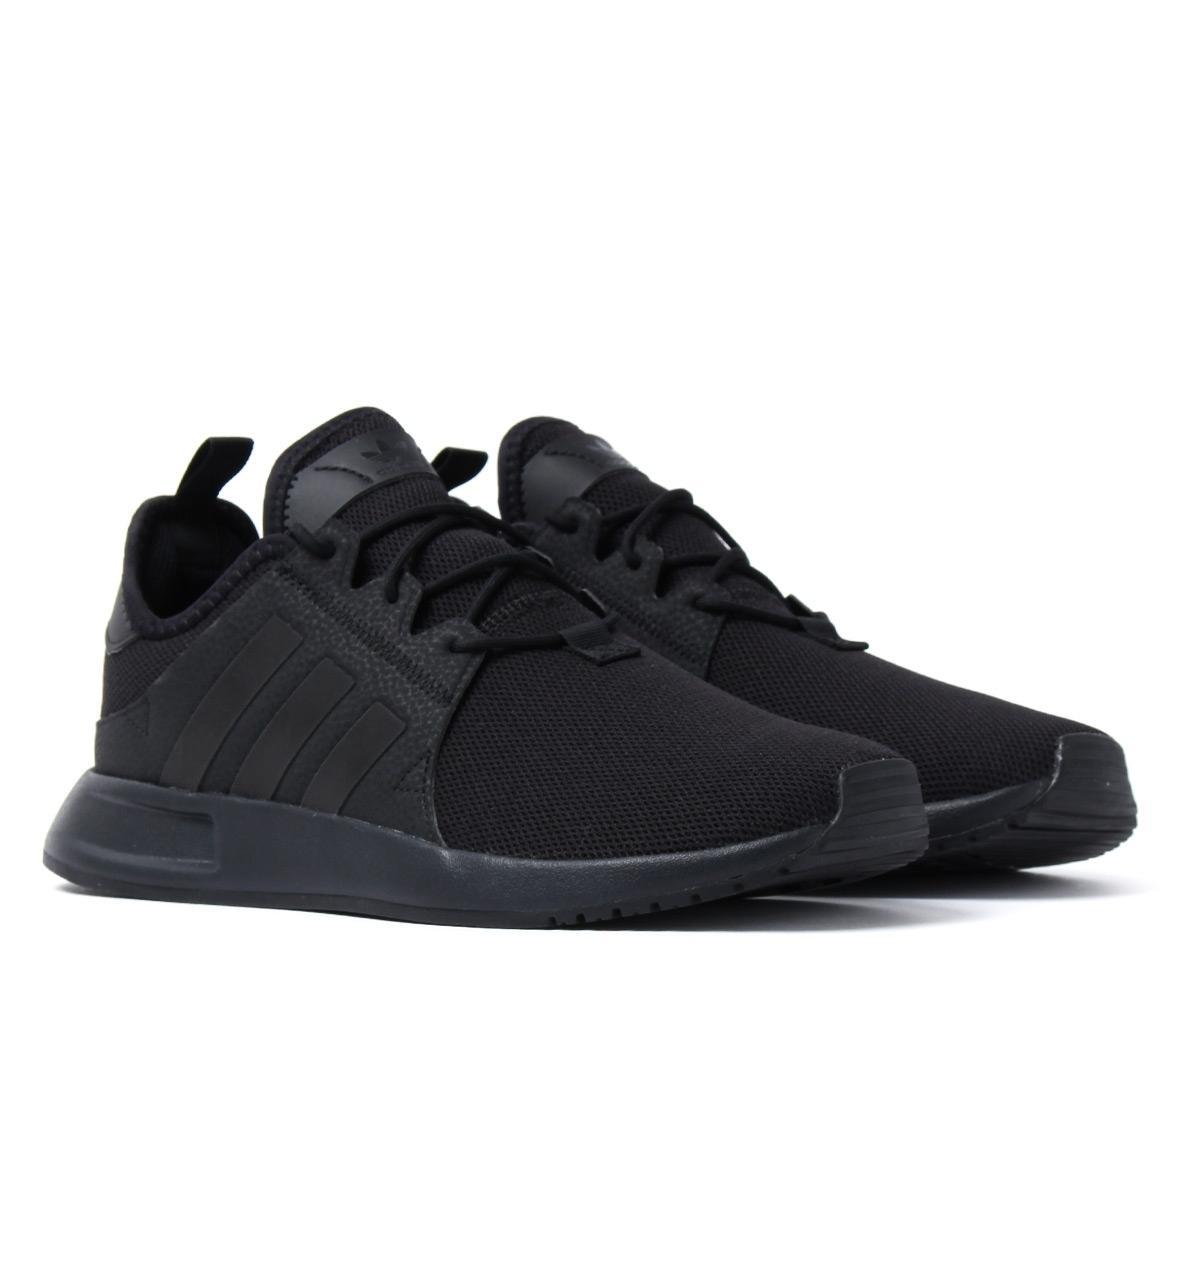 Adidas X Plr White Mesh Shoes